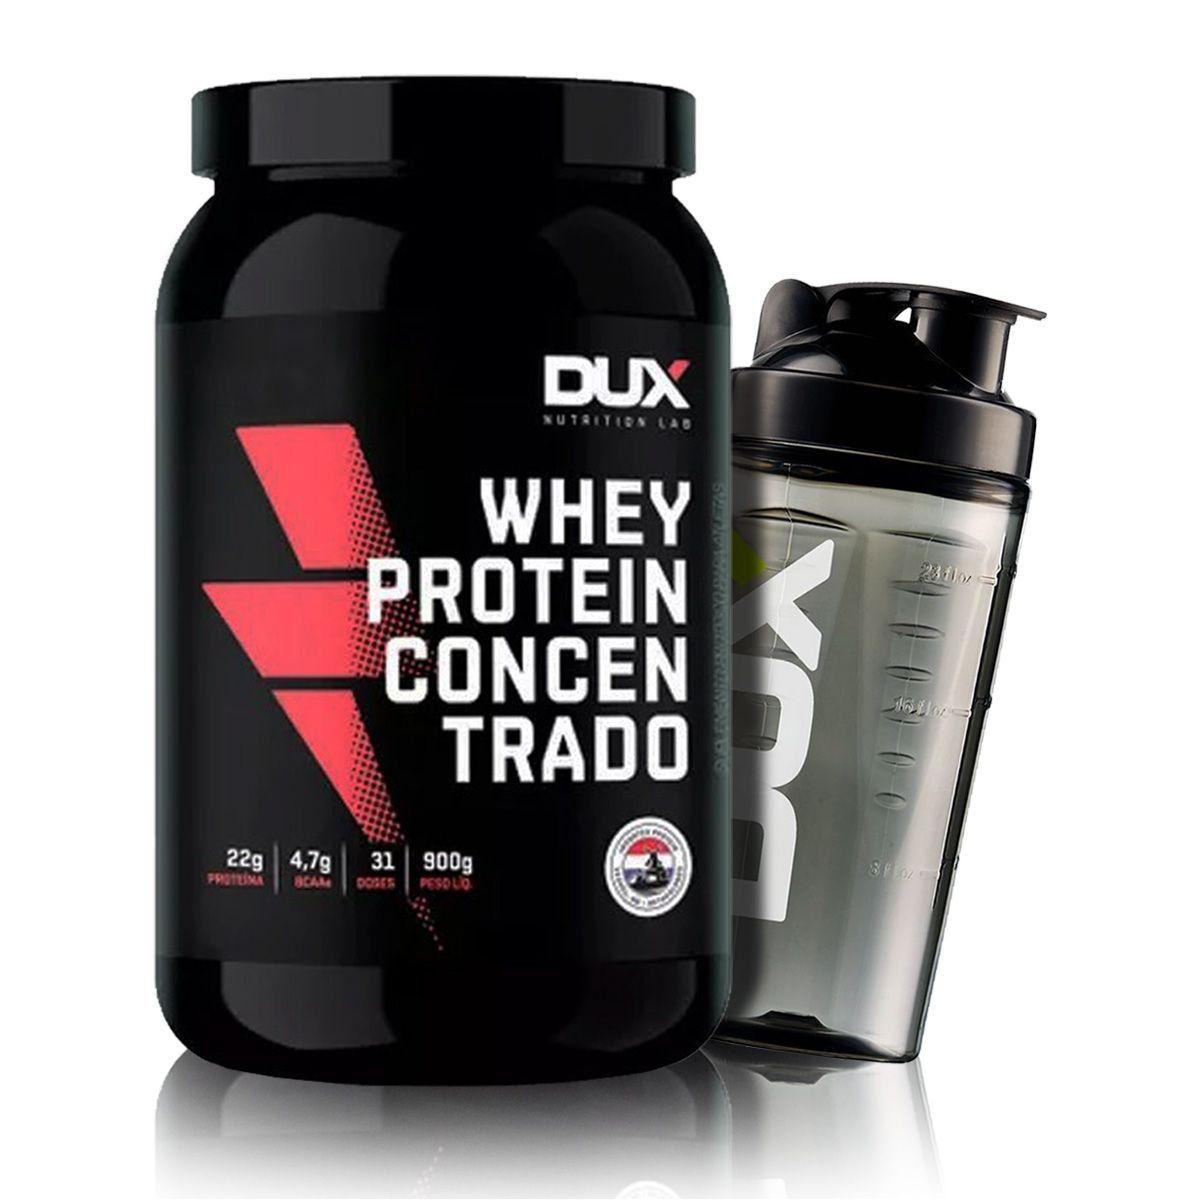 Whey Concentrado 900g + Coqueteleira - Dux Nutrition